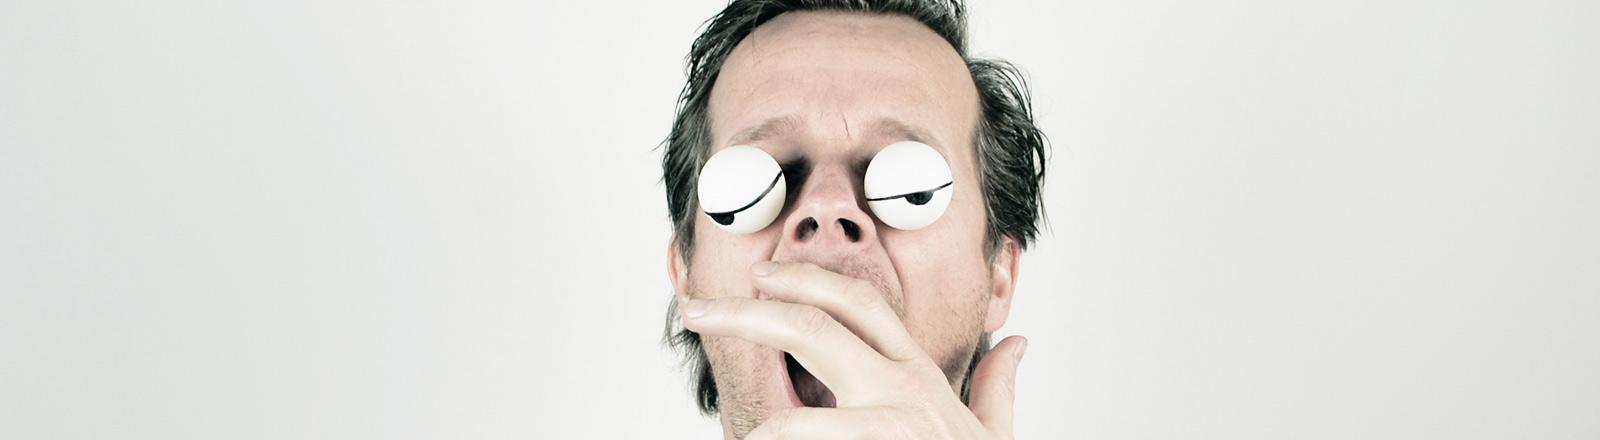 Ein Mann mit weißem Hand gähnt. Er hält sich die Hand vor den Mund. Vor seinen Augen hat er Tischtennisbälle, auf die jeweils ein Auge gezeichnet ist.